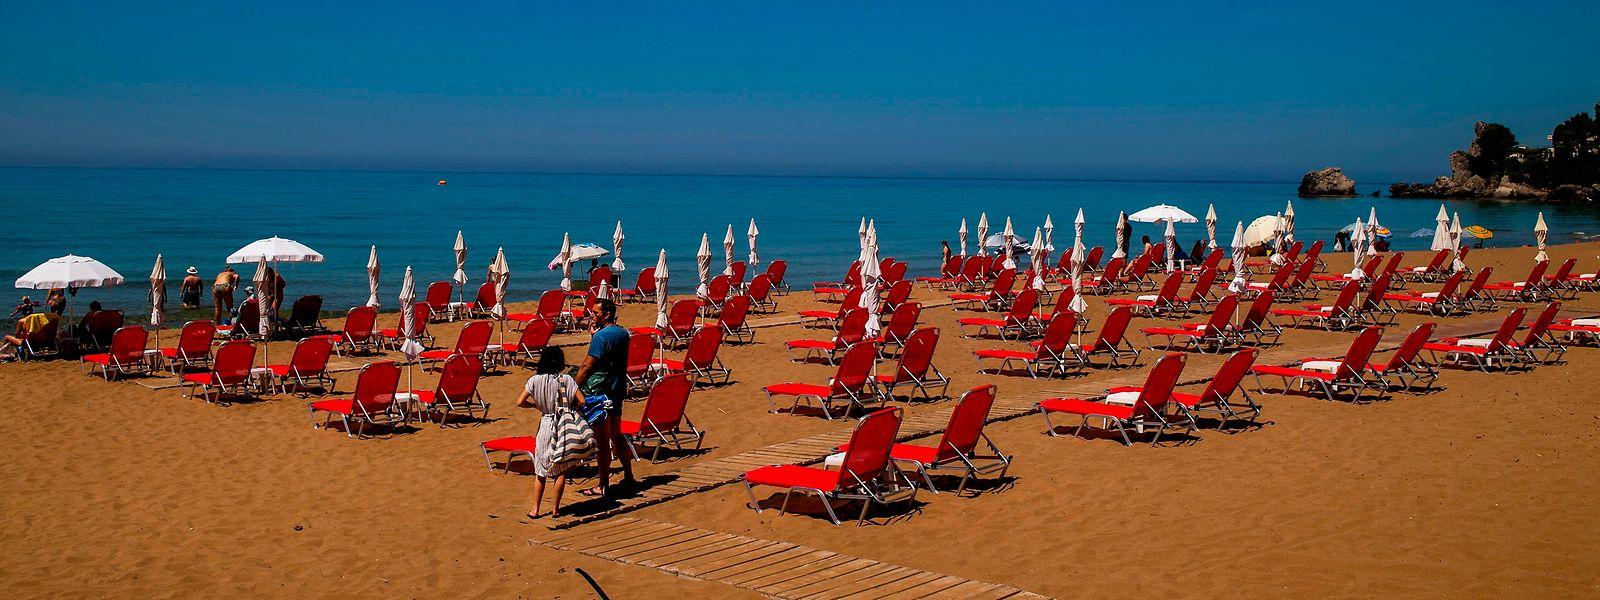 Les plages grecques apparaissent nettement moins bondées que celles de Barcelone ou de la région de Valence prises d'assaut le 1er juillet.